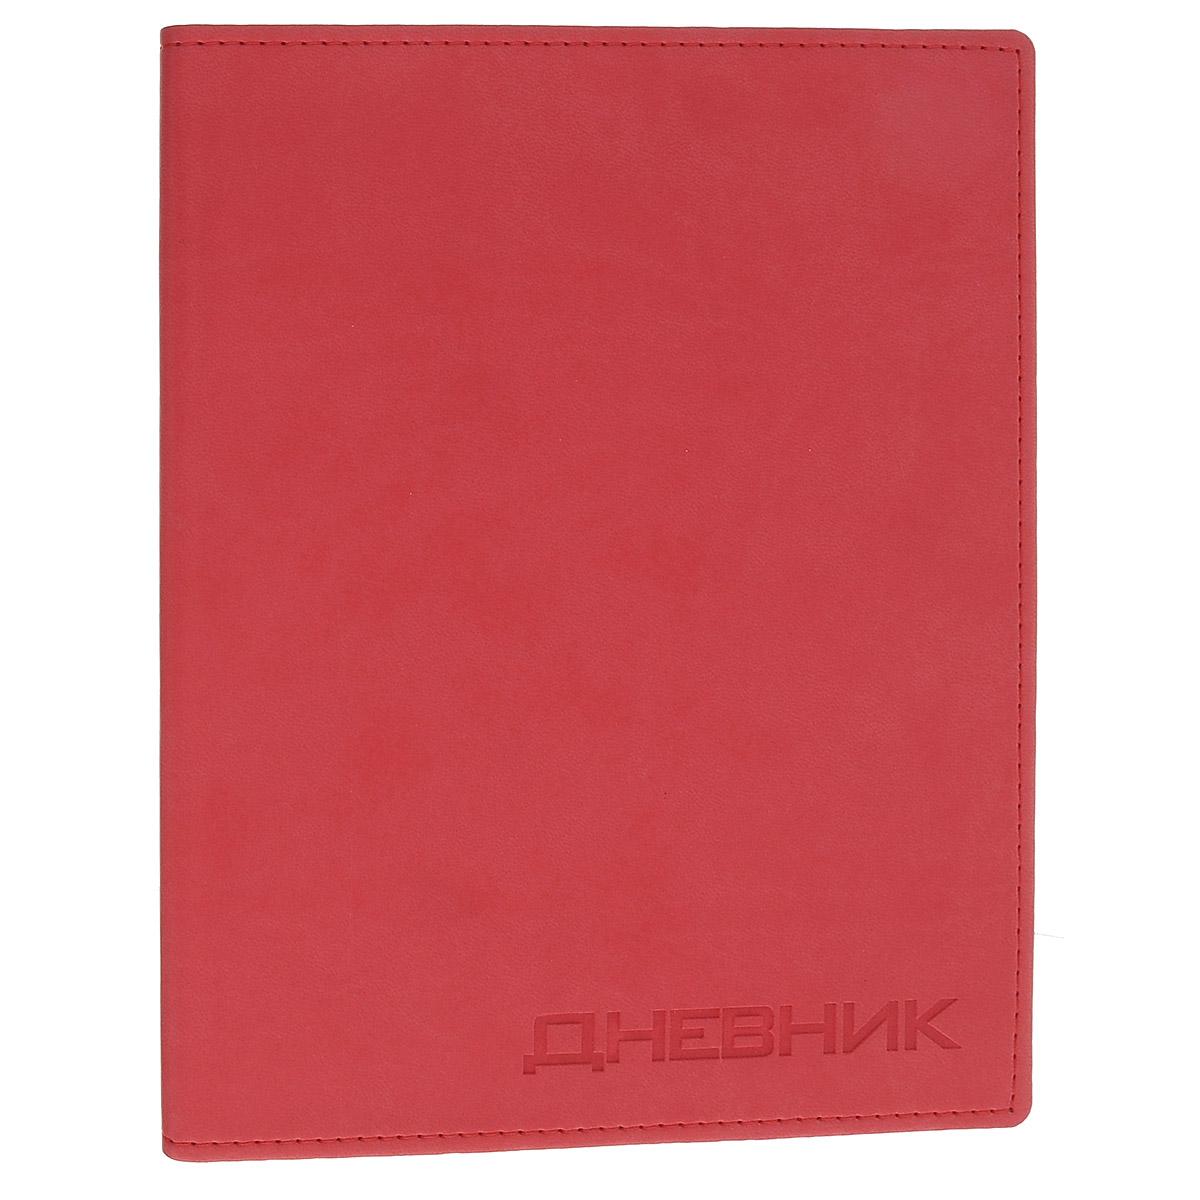 Дневник школьный Триумф Вивелла, цвет: красный1300-39Школьный дневник Триумф Вивелла - первый ежедневник вашего ребенка. Он поможет ему не забыть свои задания, а вы всегда сможете проконтролировать его успеваемость.Гибкая, высокопрочная интегральная обложка с закругленными углами прошита по периметру. Надпись нанесена путем вдавленного термотиснения и темнее основного цвета обложки, крепление сшитое. На разворотах под обложкой дневник дополнен политической и физической картой России. Внутренний блок выполнен из качественной бумаги кремового цвета с четкой линовкой темно-серого цвета. В структуру дневника входят все необходимые разделы: информация о школе и педагогах, расписание занятий и факультативов по четвертям. На последней странице для итоговых оценок незаполненные графы изучаемых предметов.